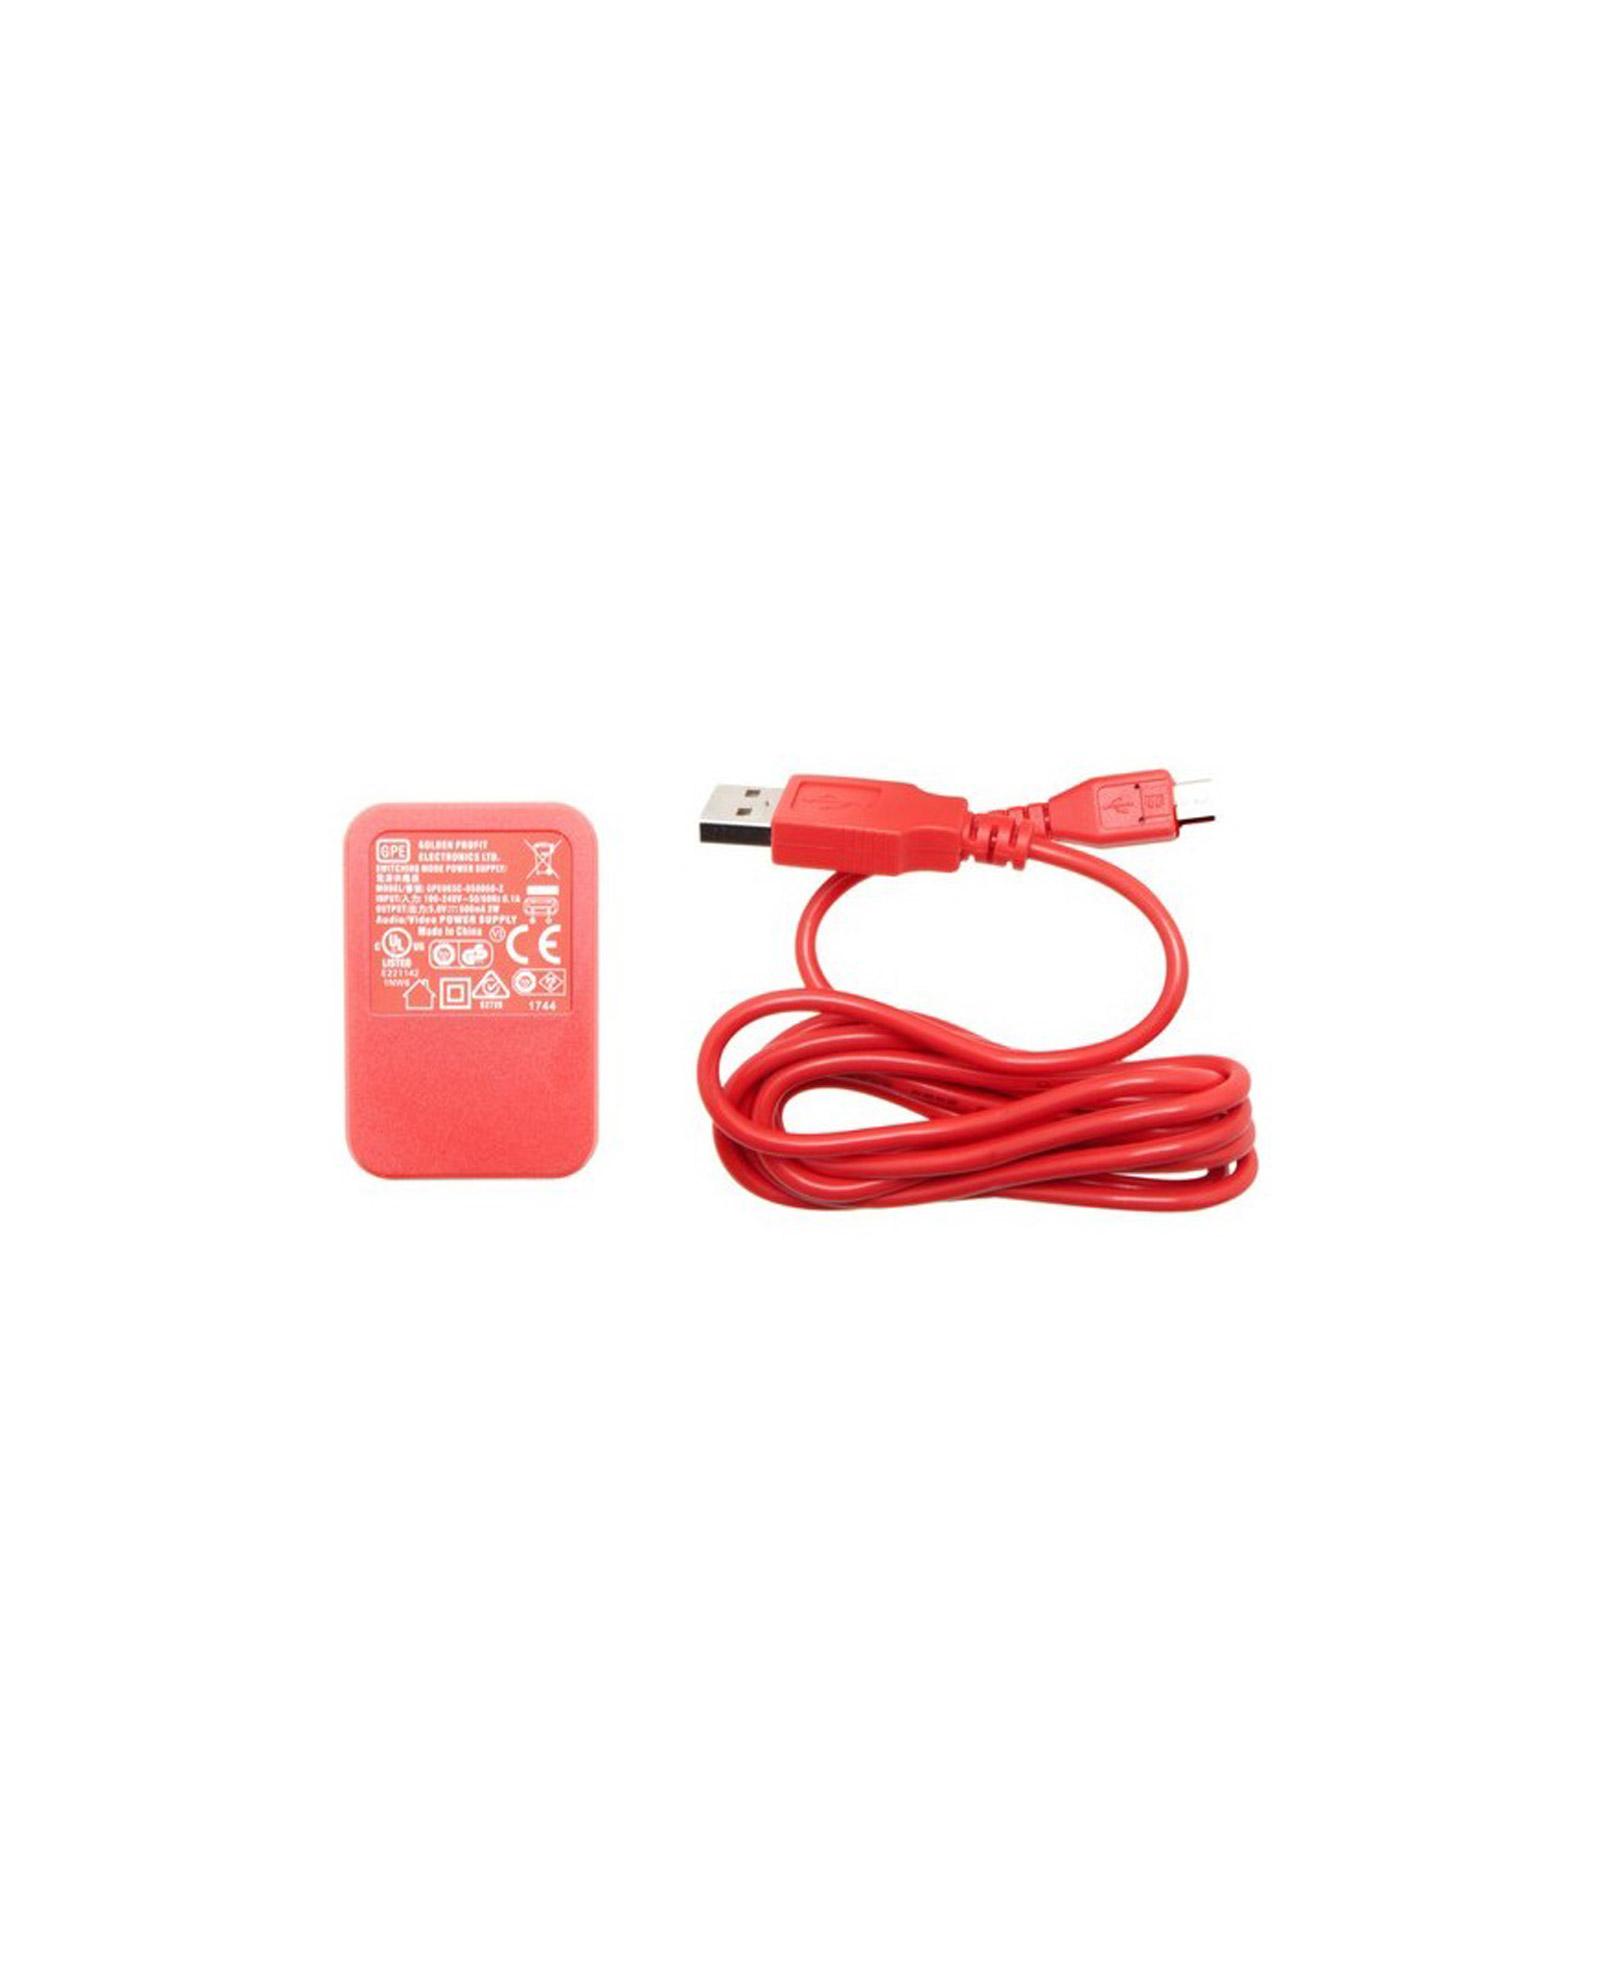 Decimator Design Pwr 5v Usb Power Pack +5v 1a 5w Dc